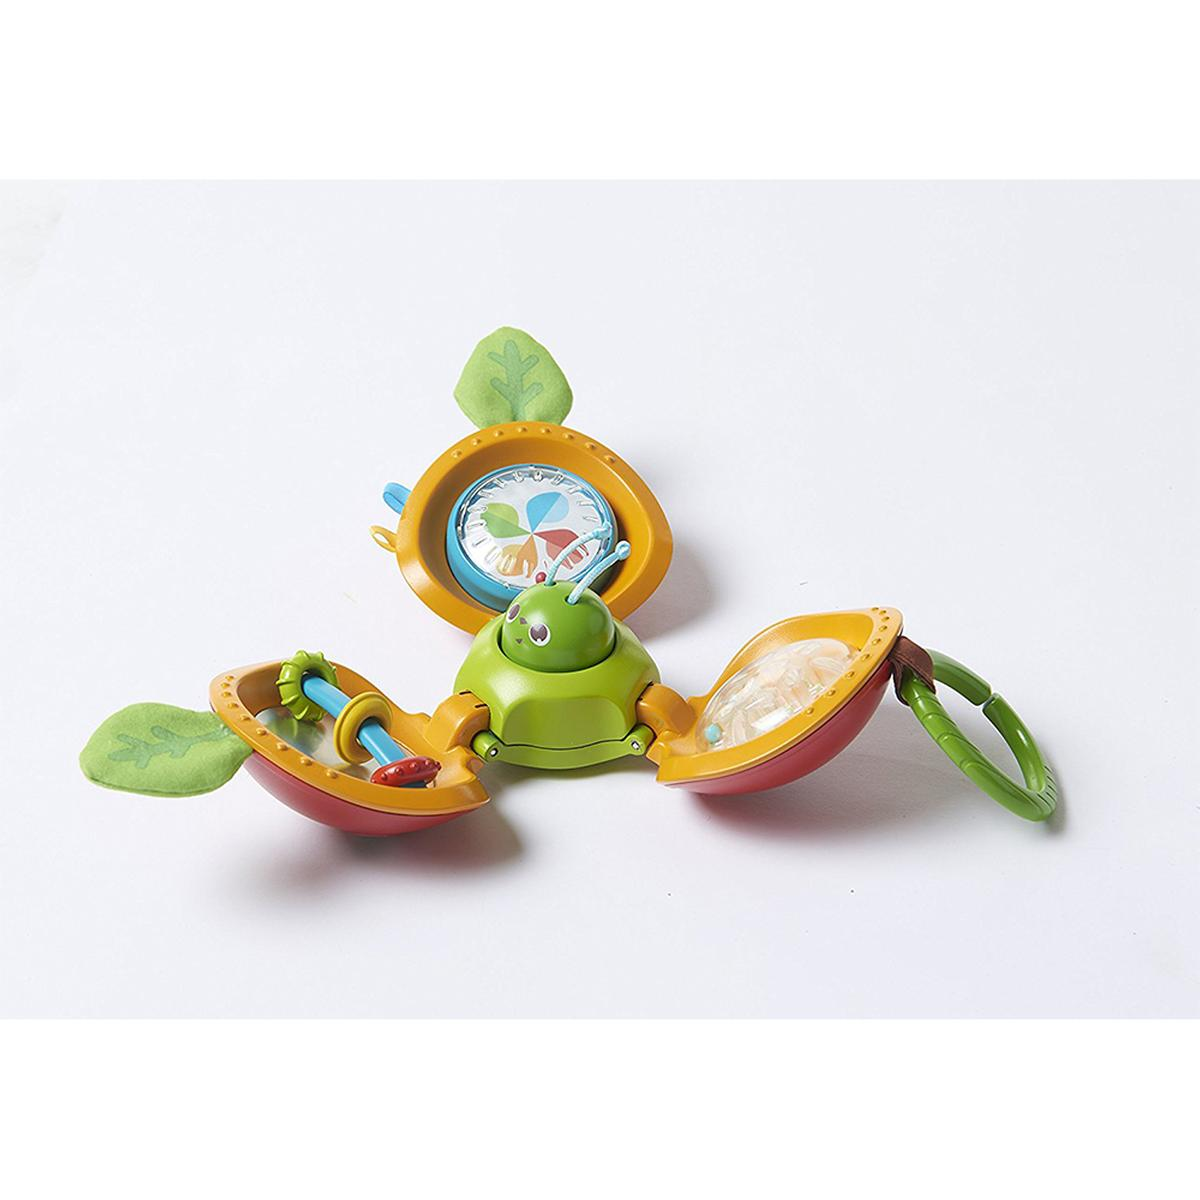 con 4 actividades para el desarrollo del beb/é Tiny Love MANZANA EXPLORA Y JUEGA Juguete de actividades con forma de manzana que rueda cuando est/á cerrada e inspira cuando est/á abierta